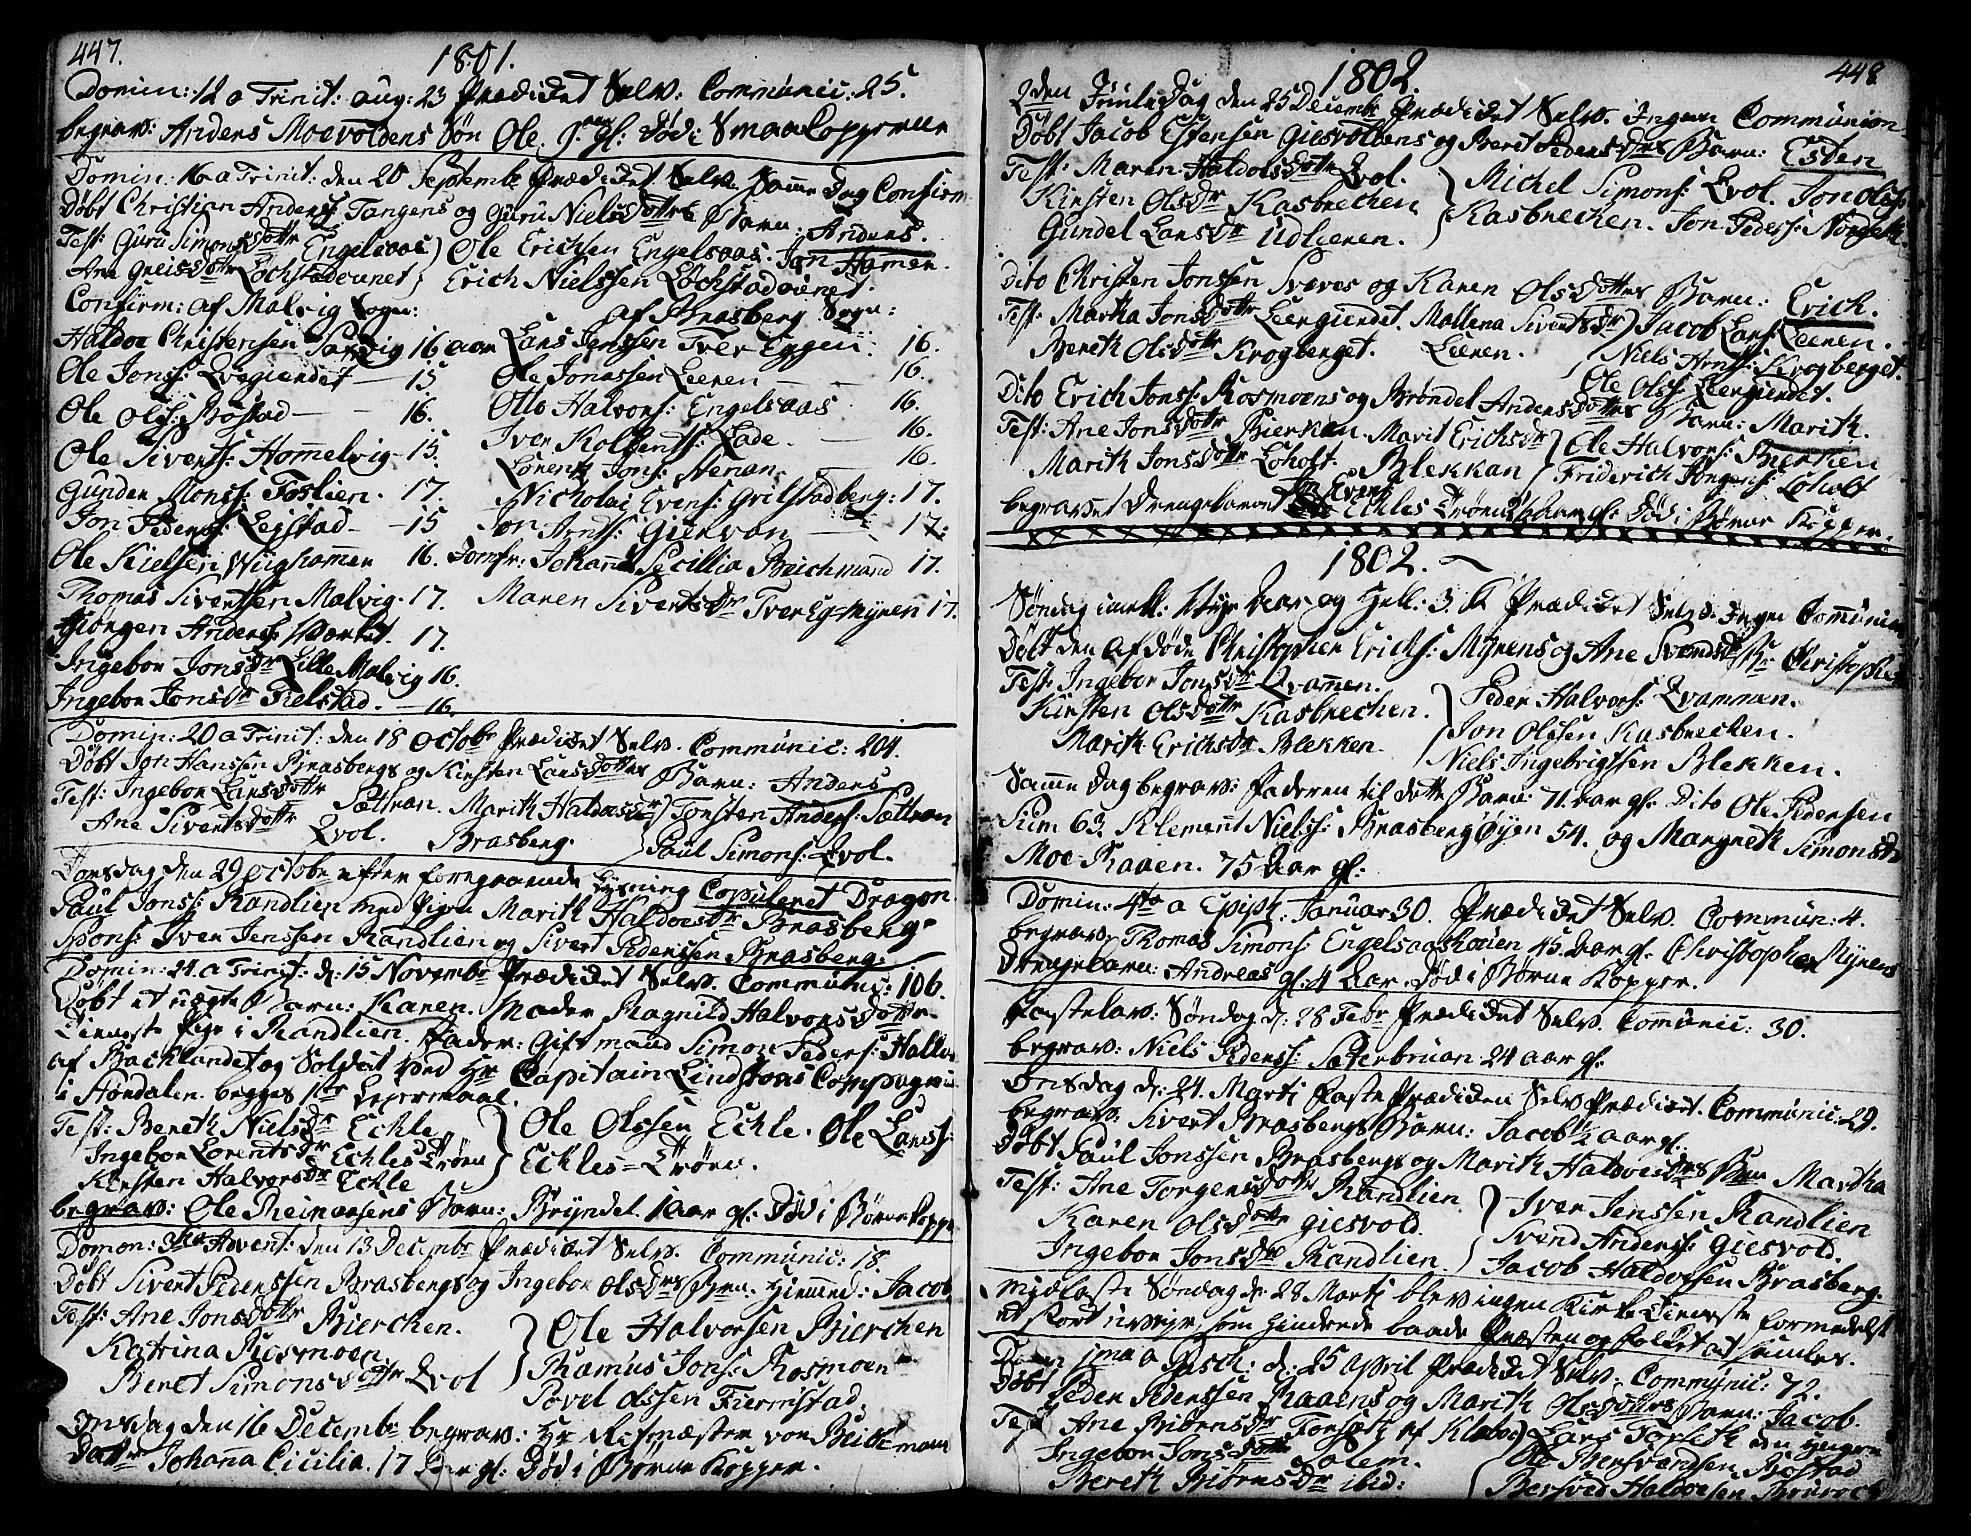 SAT, Ministerialprotokoller, klokkerbøker og fødselsregistre - Sør-Trøndelag, 606/L0282: Ministerialbok nr. 606A02 /3, 1781-1817, s. 447-448